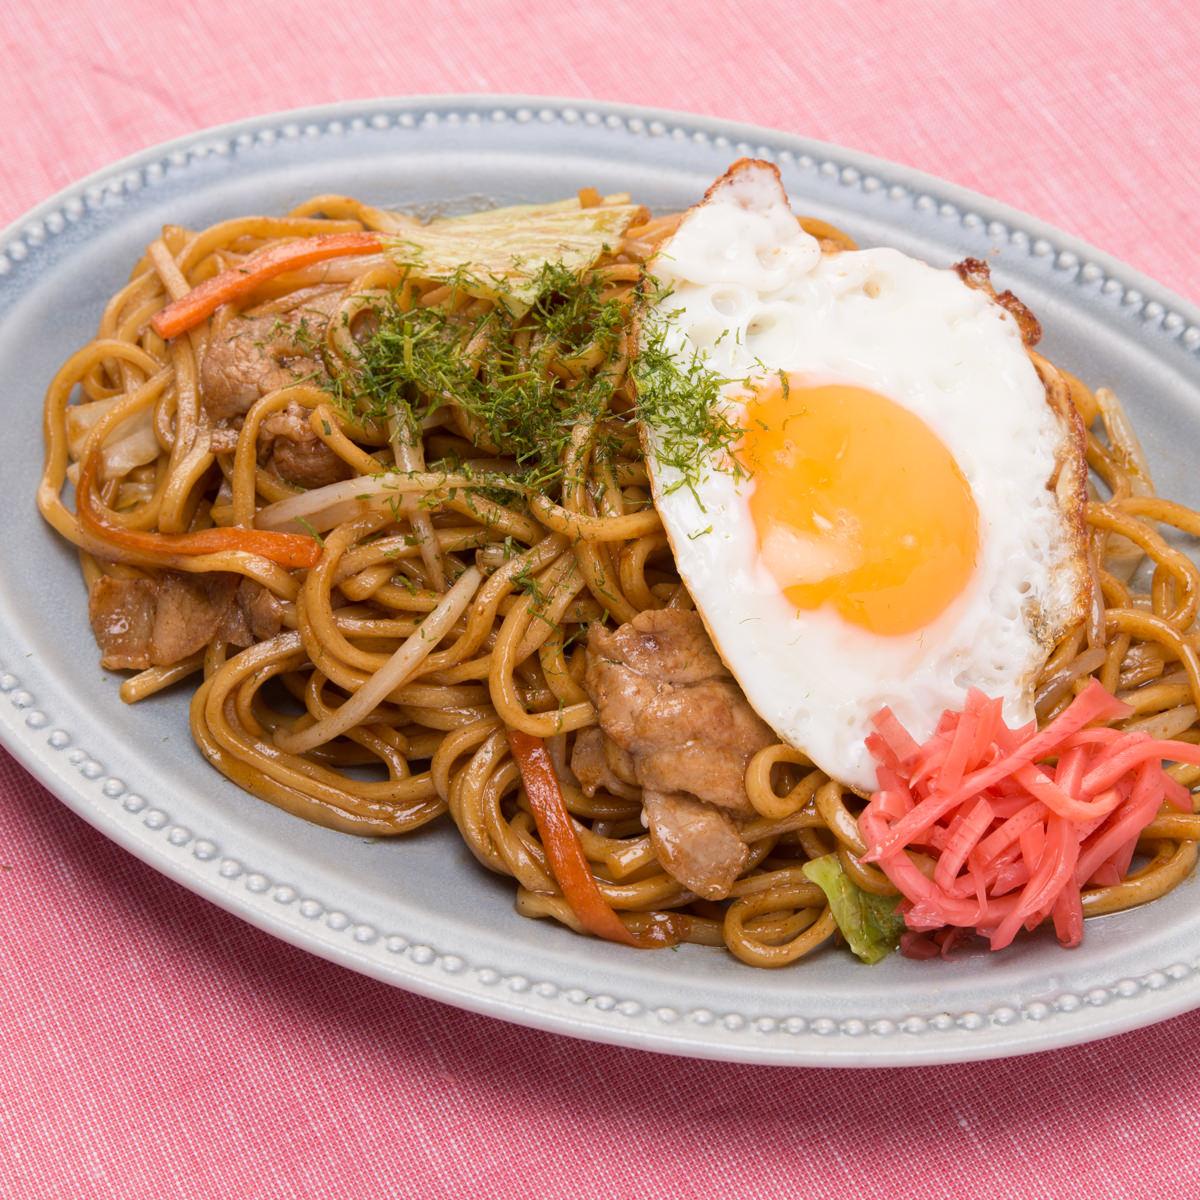 麺が美味しい生麺焼きそば 中華味焼きそば 3食 オタフク〔生中華麺100g×3・オタフクソース×3〕